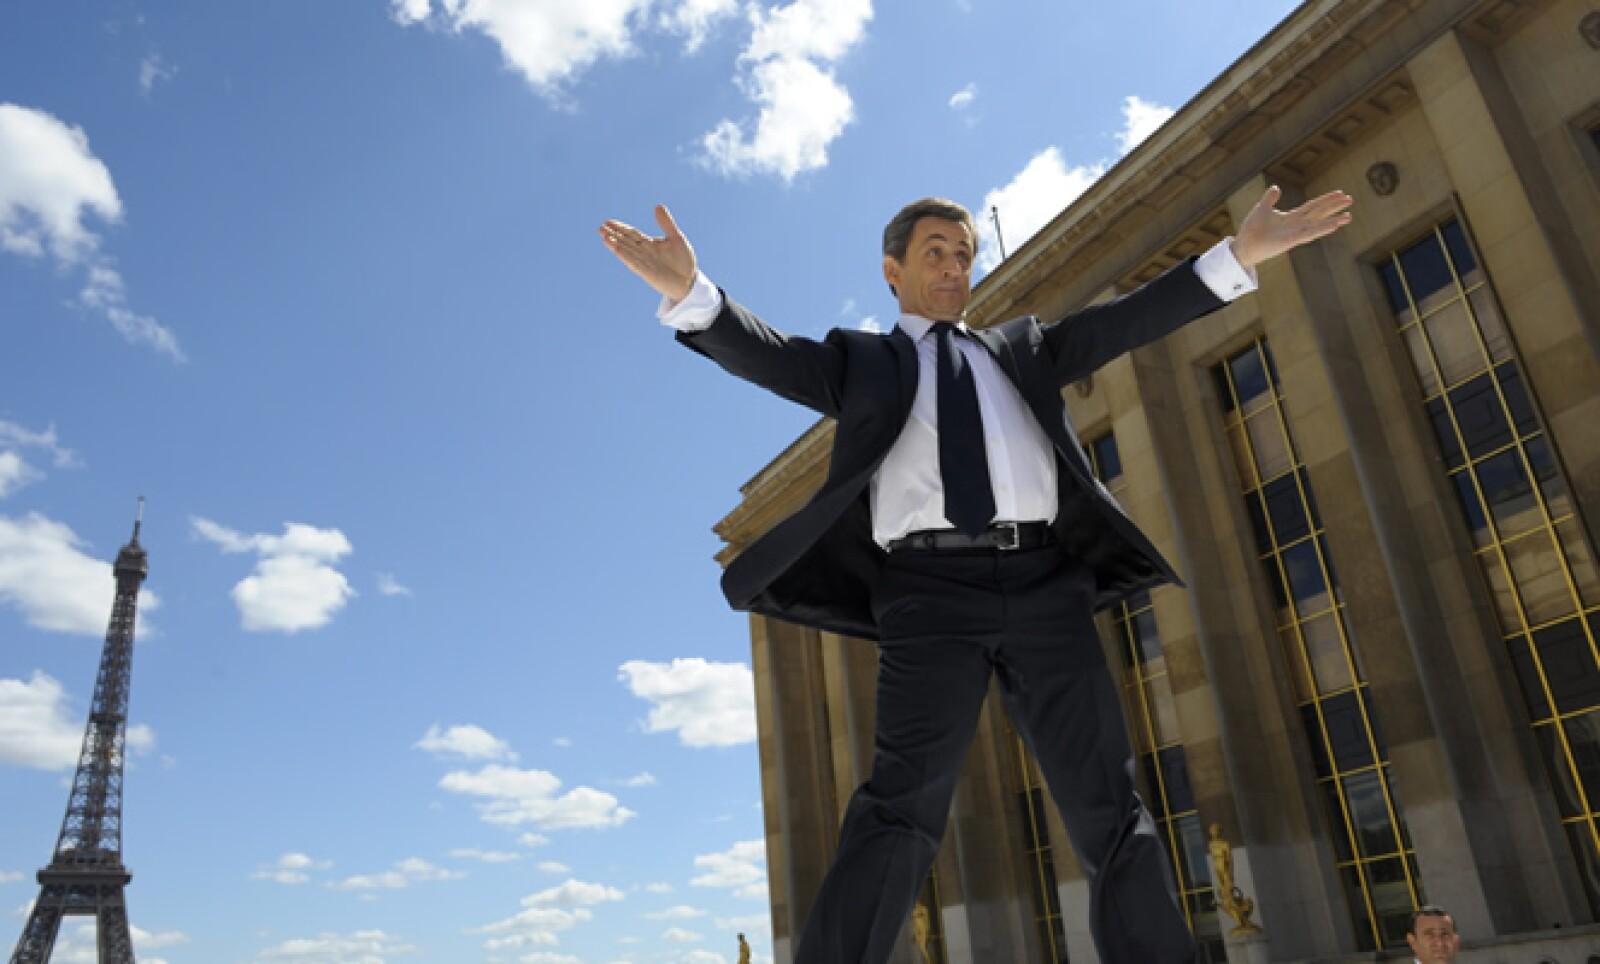 En Francia, el presidente Nicolas Sarkozy compitió con los sindicatos para atraer el mayor número de público. Apostó por acaparar la máxima atención mediática en su marcha anual antes de la segunda ronda de las elecciones presidenciales.